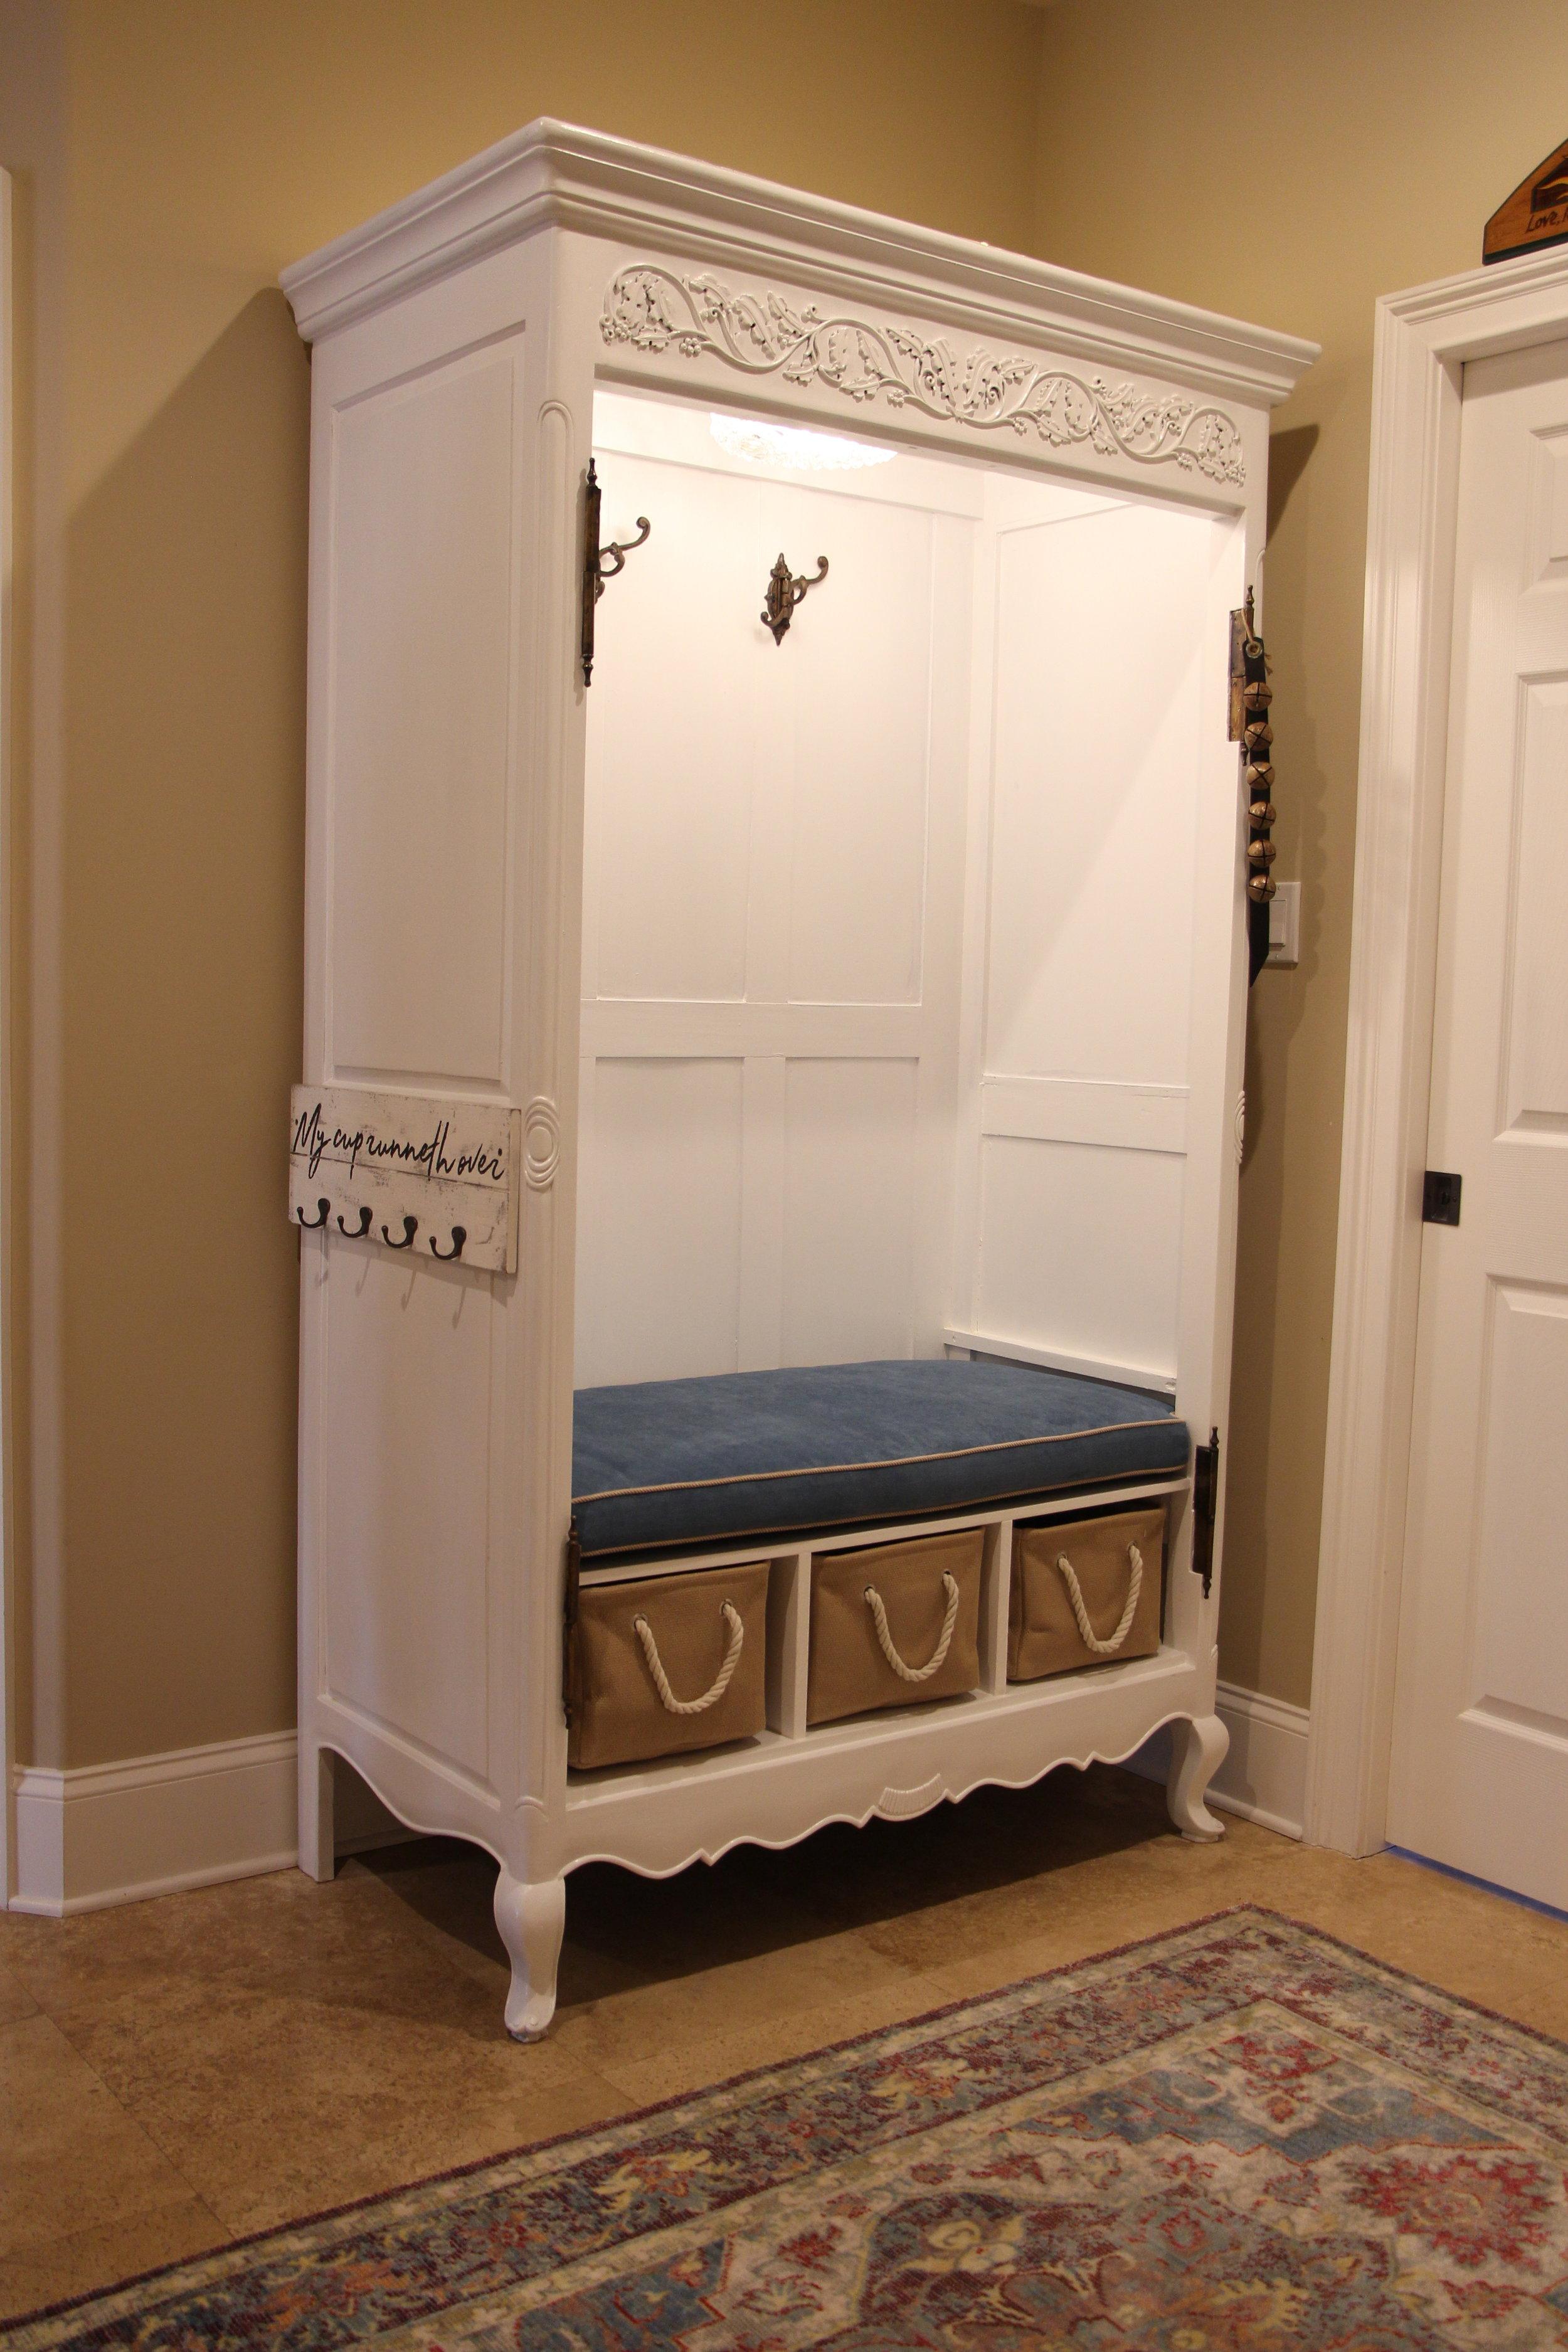 borel armoire half zoom out.JPG